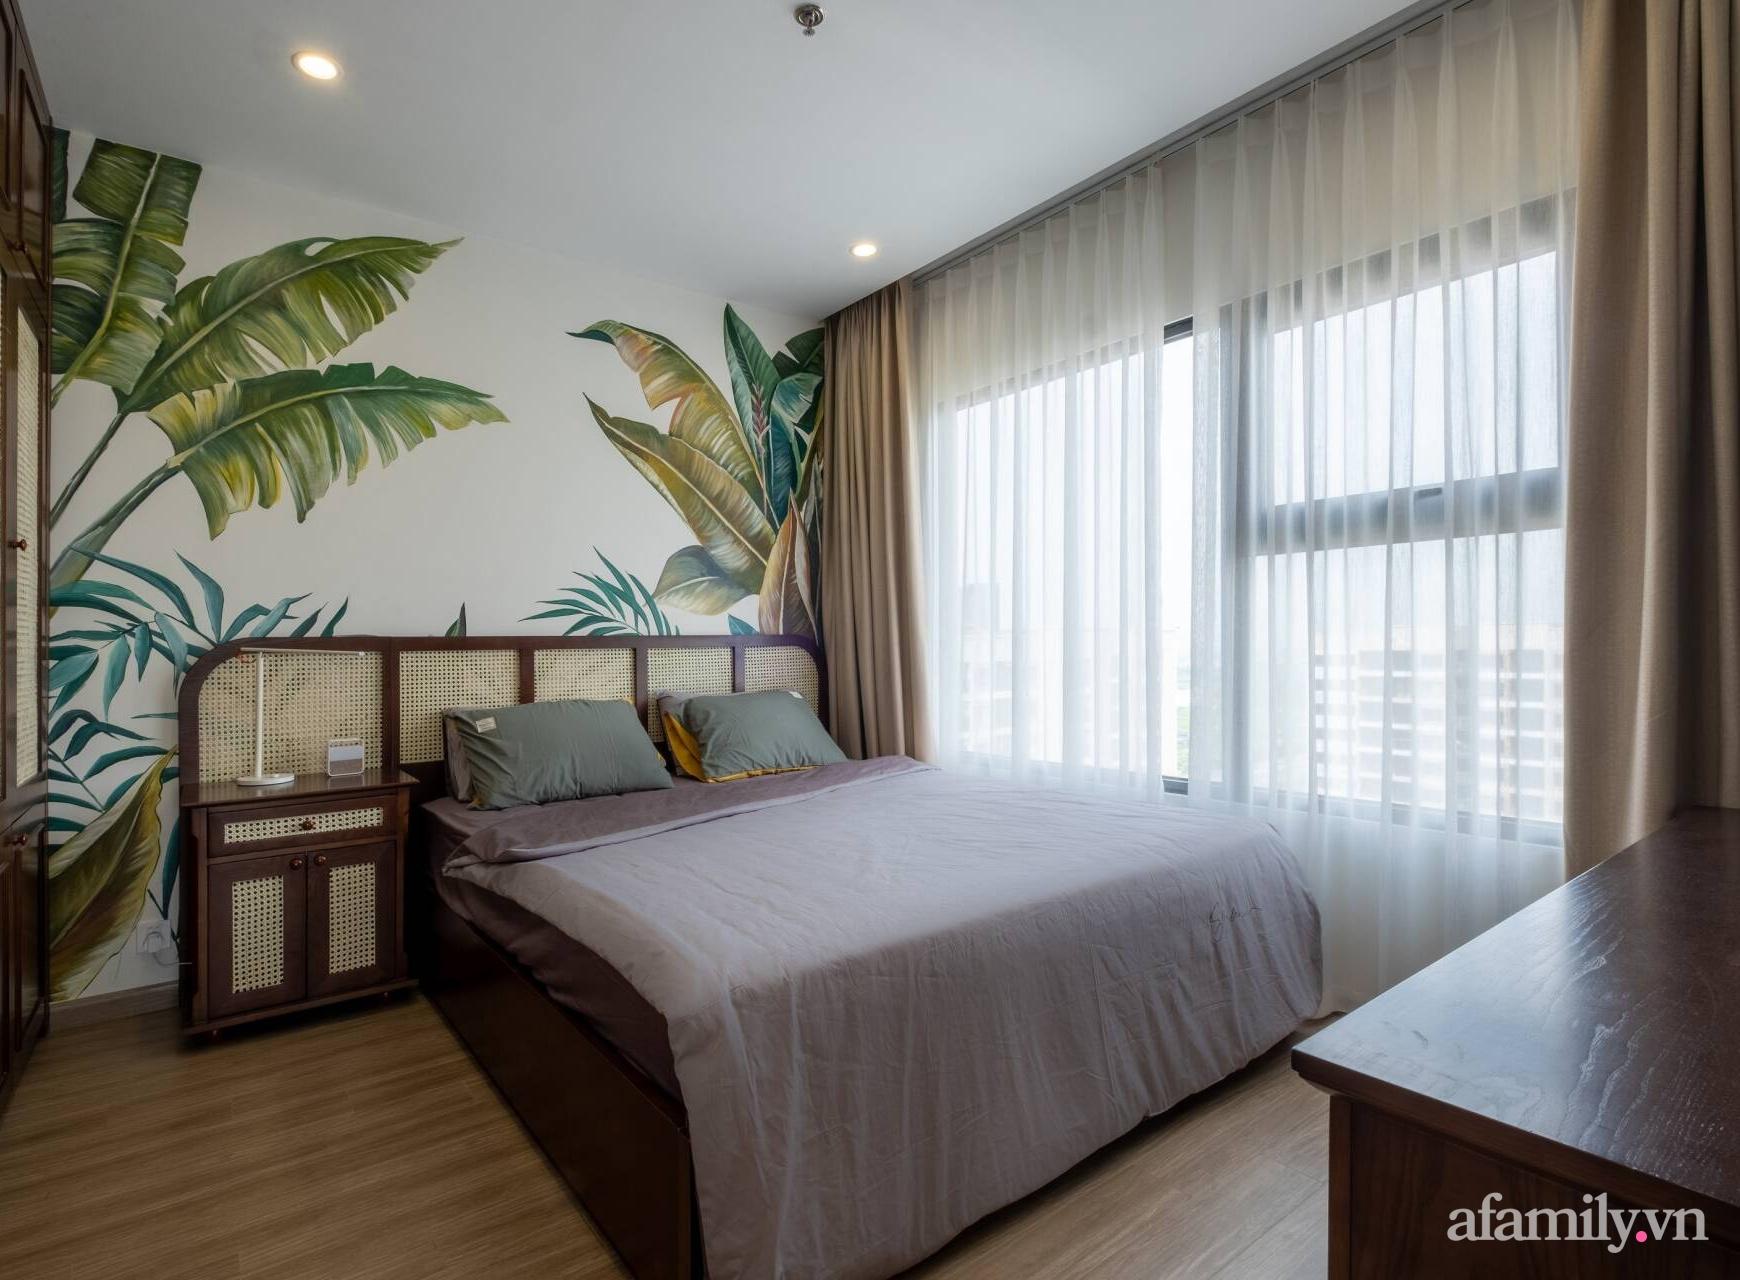 Căn hộ 3 phòng ngủ đẹp tinh tế với phong cách Indochine ở Vinhomes Ocean Park, Hà Nội - Ảnh 12.